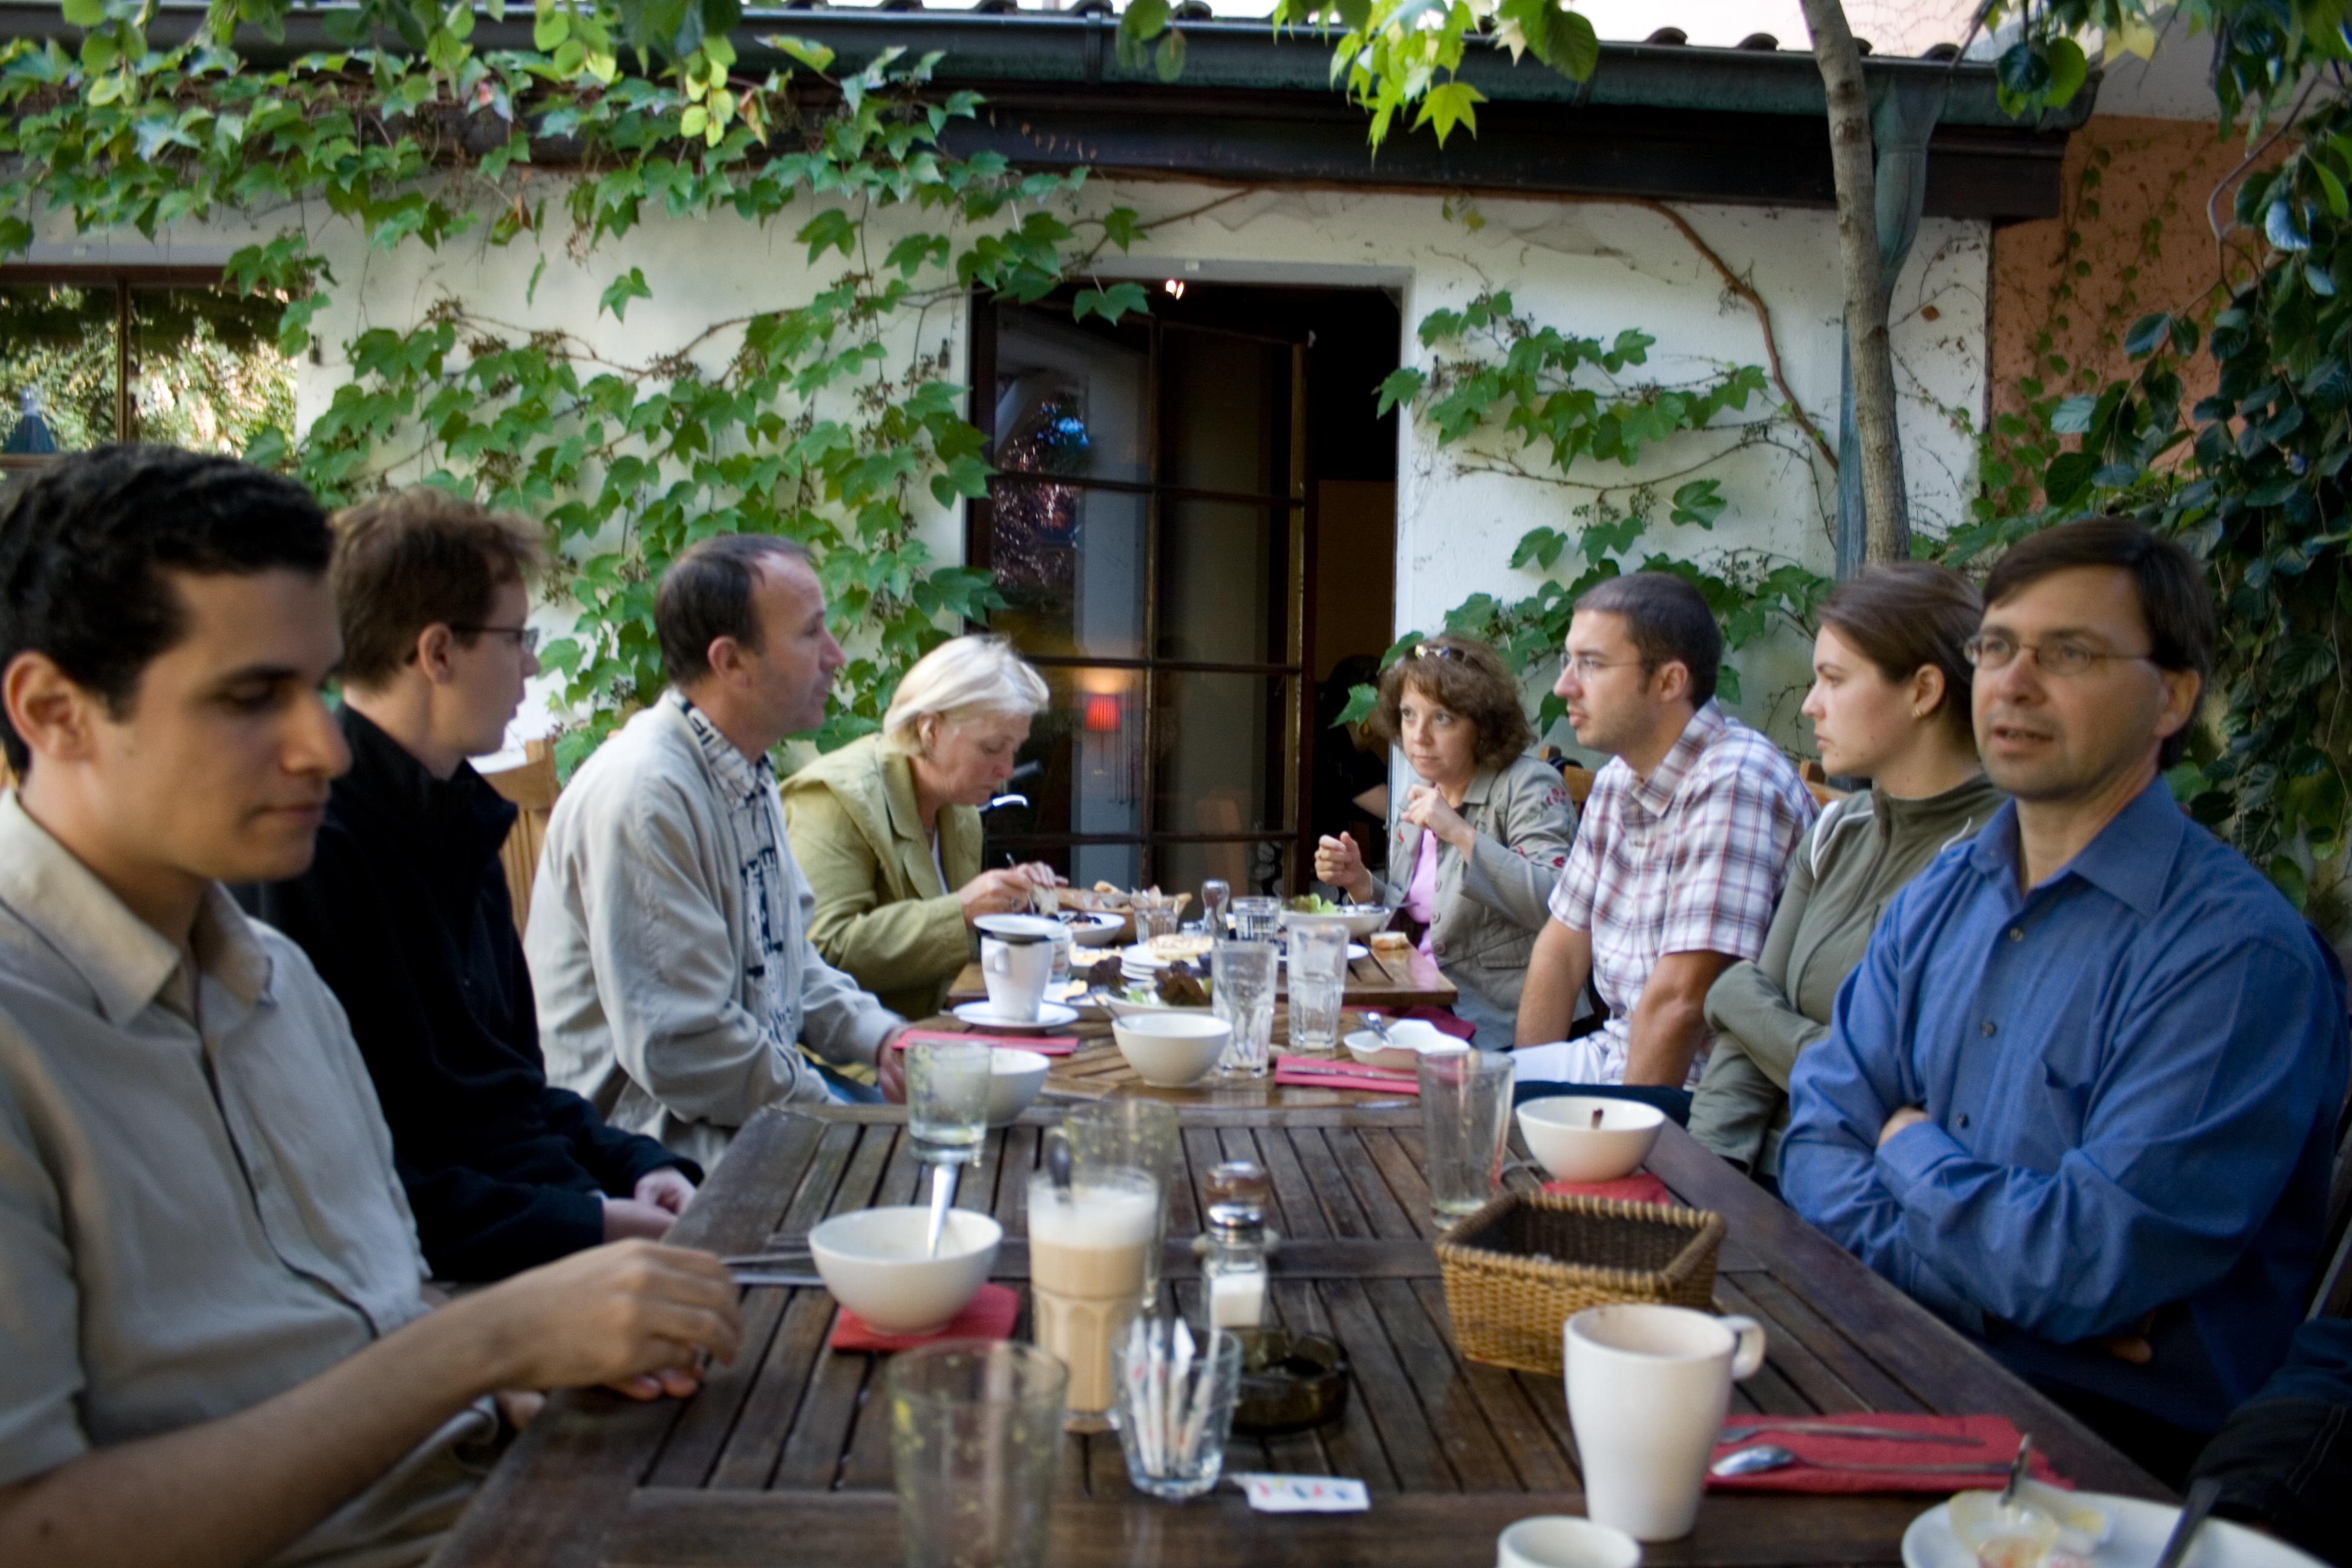 Rencontre genève comment faire des rencontres amicales rencontre site